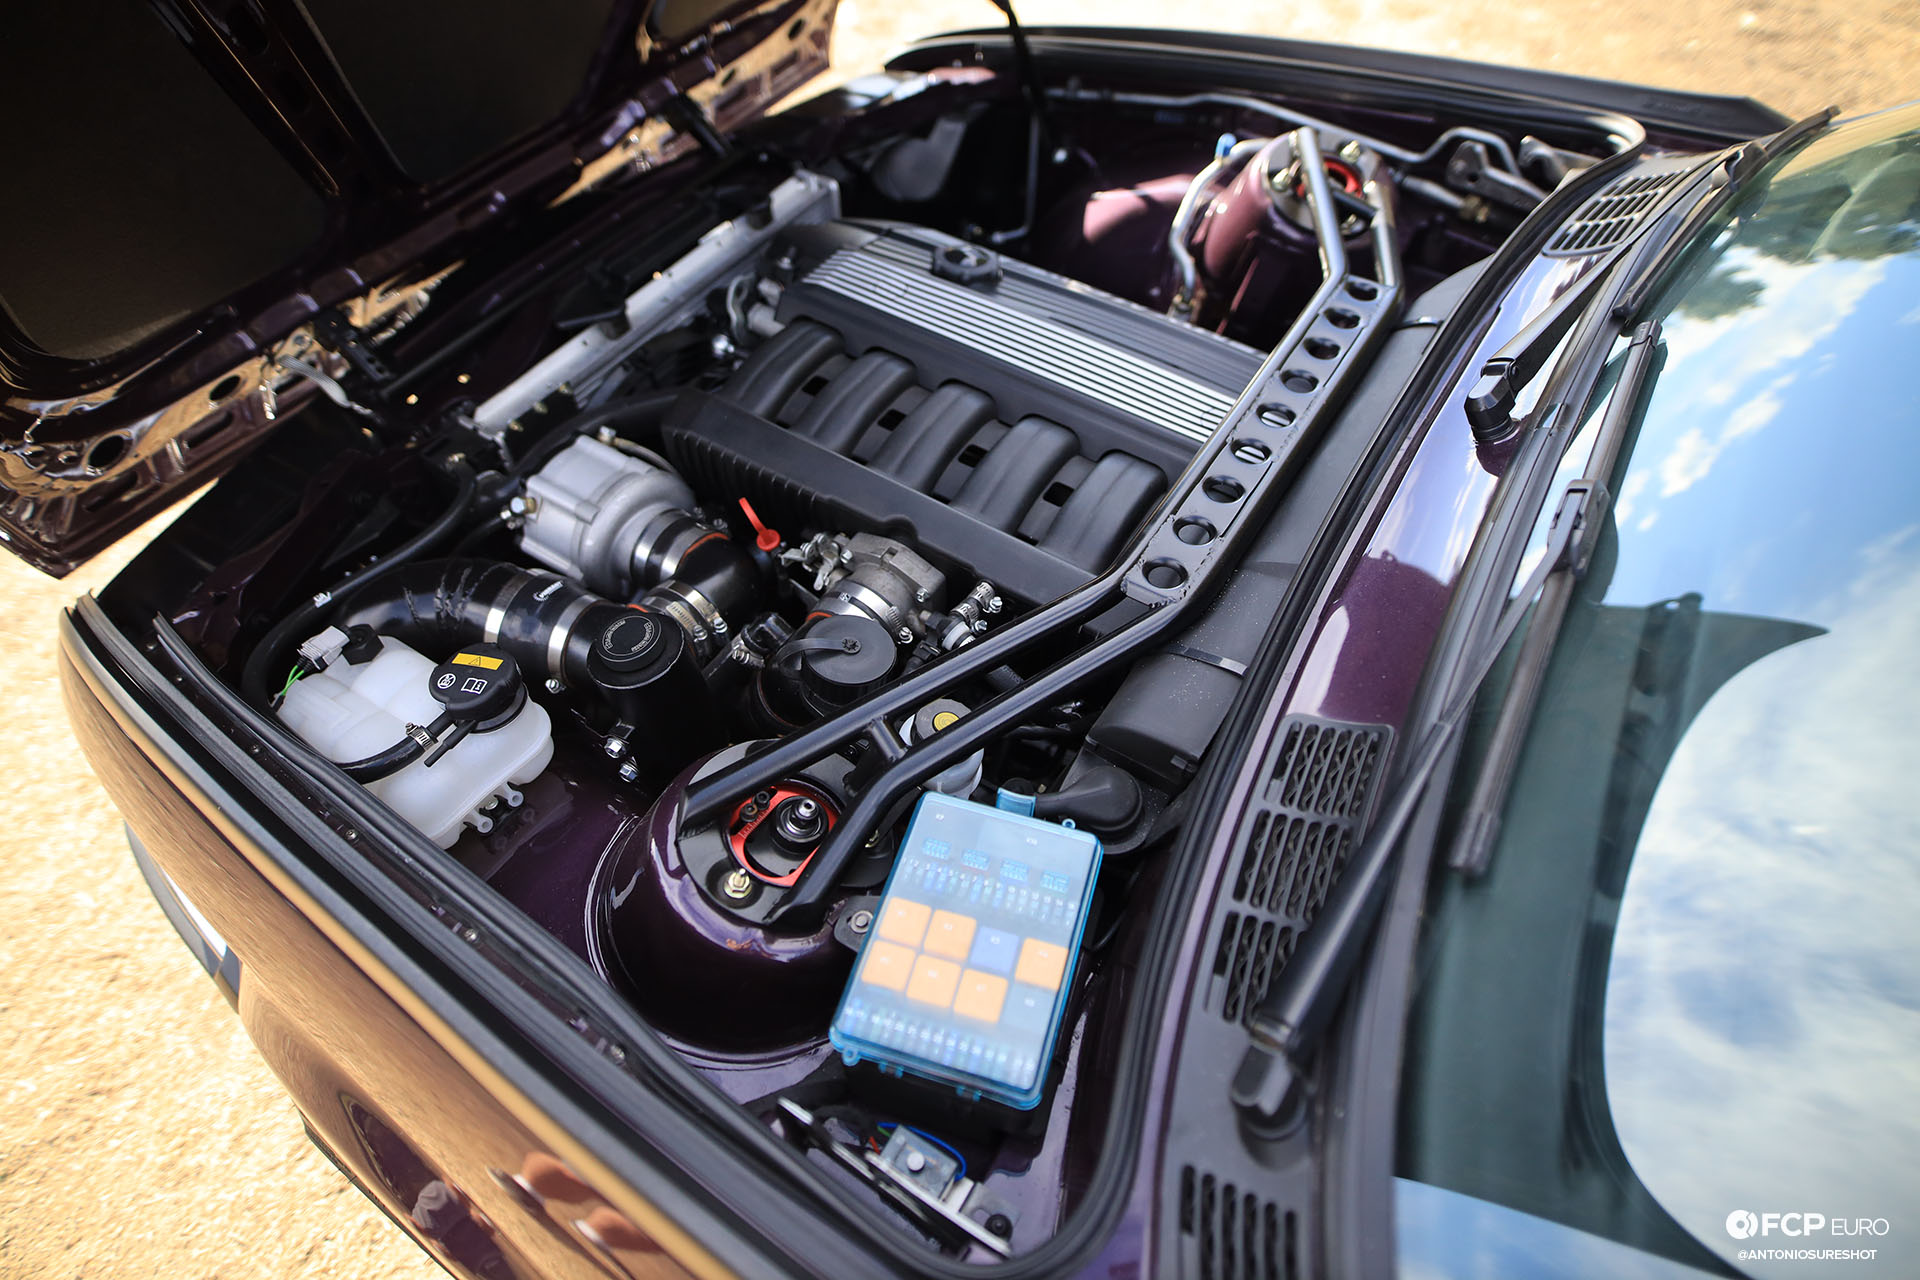 CAtuned Daytona Violet E30 BMW Strut Brace